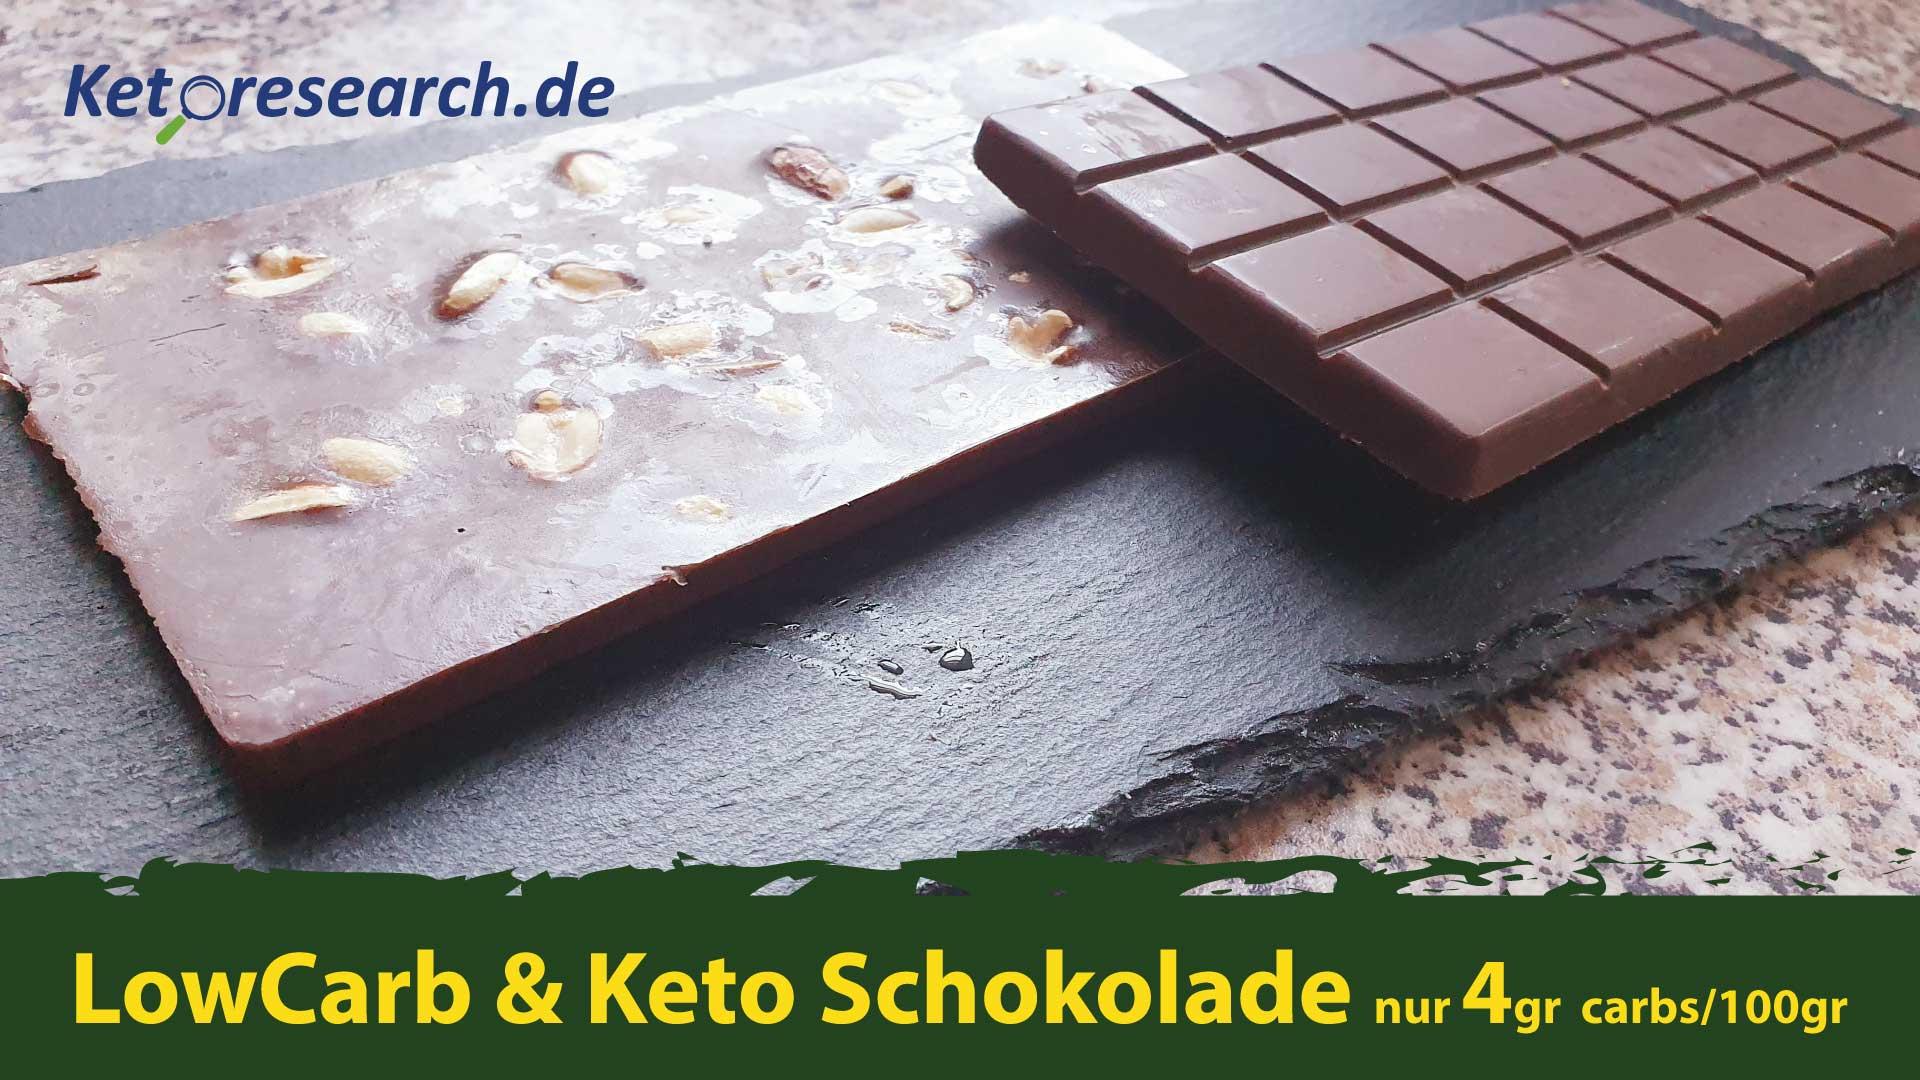 Keto Schokolade